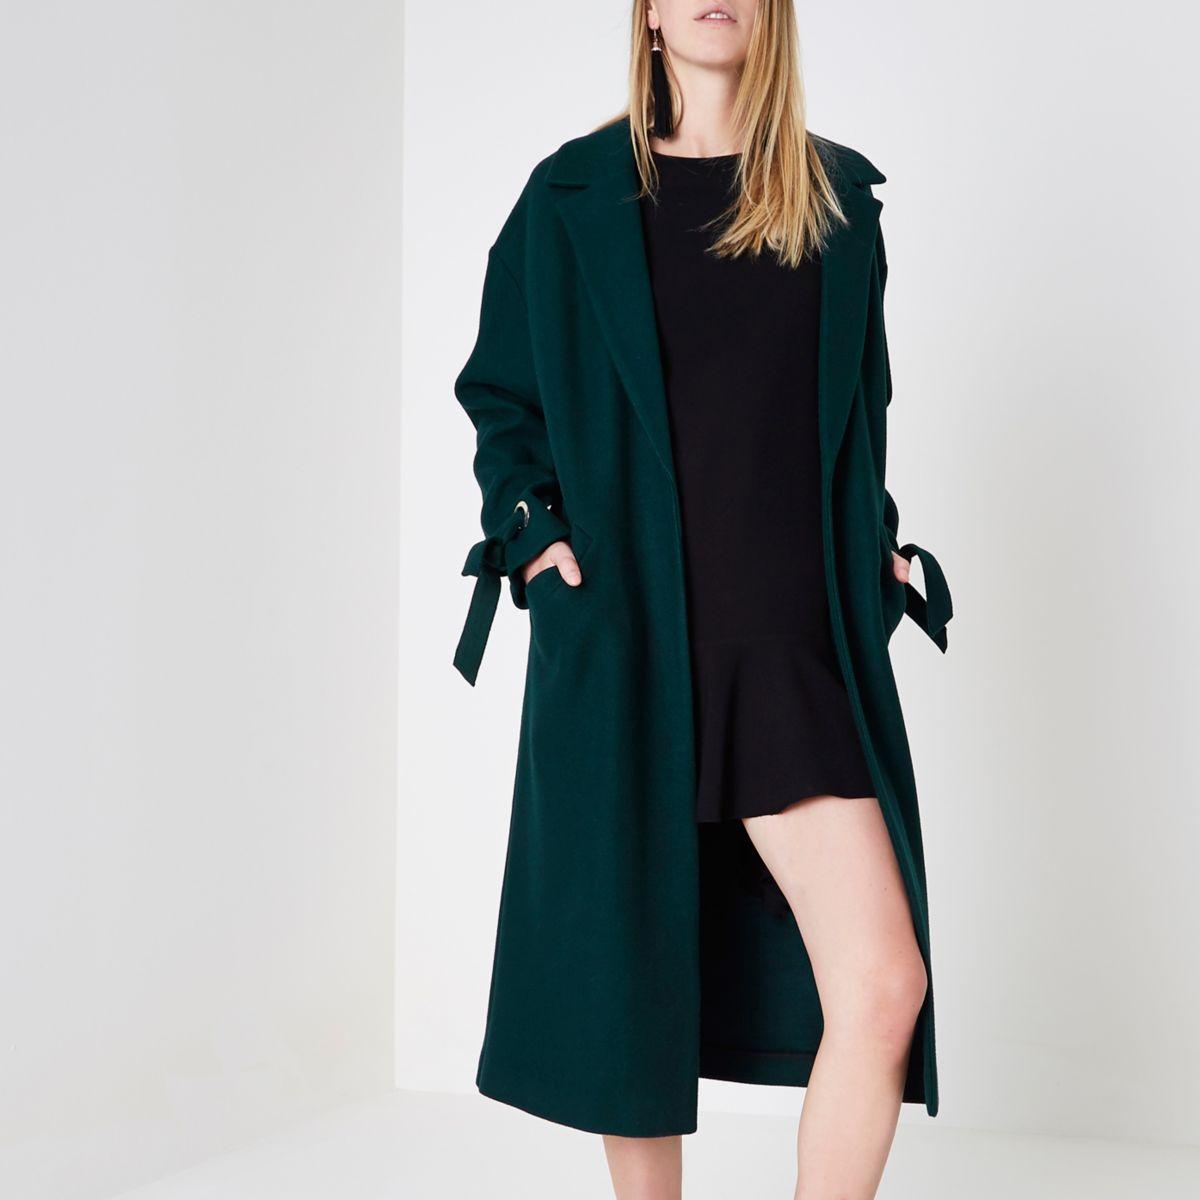 Dunkelgrüner Mantel mit gebundenen Bündchen